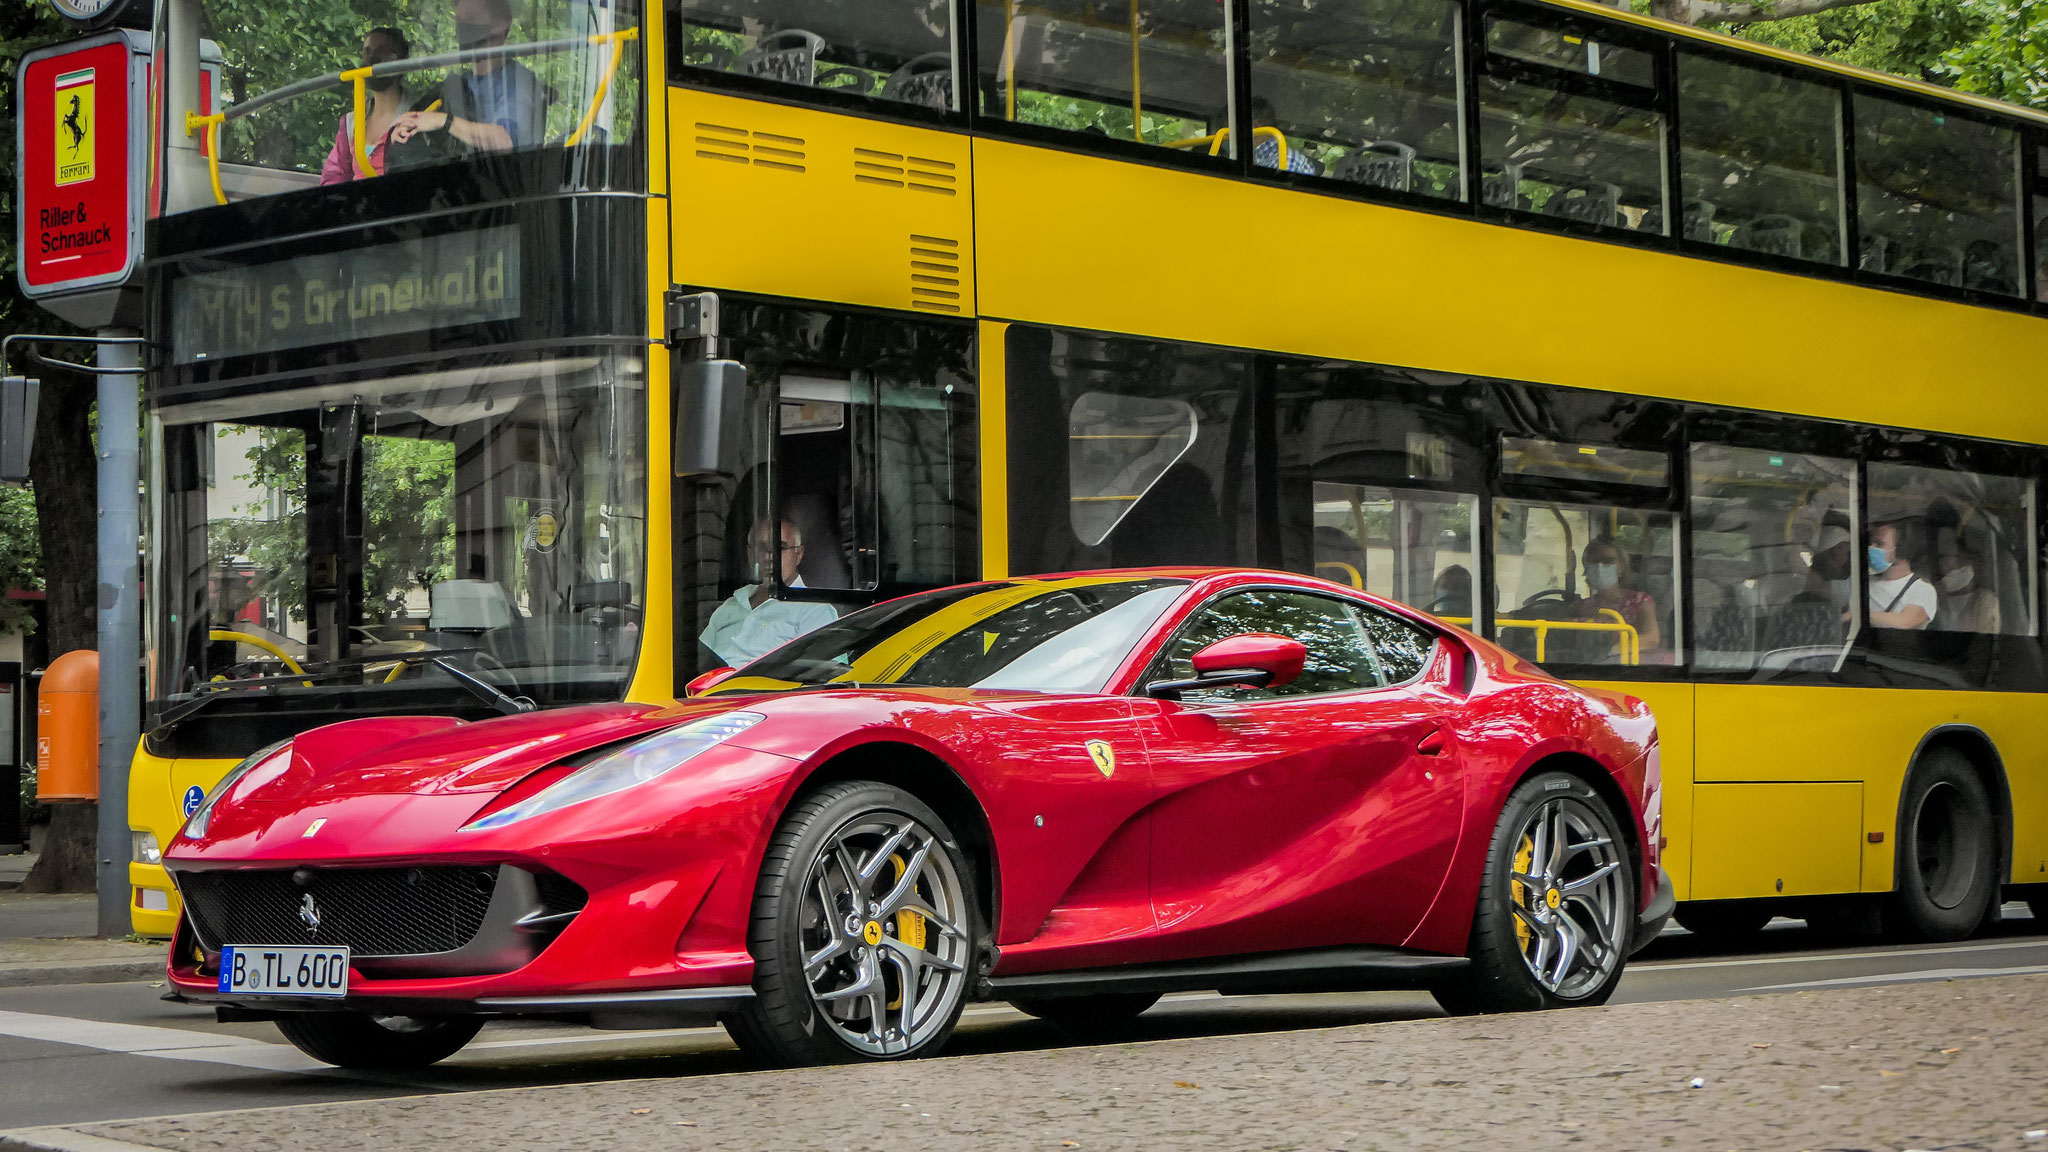 Ferrari 812 Superfast - B-TL-600